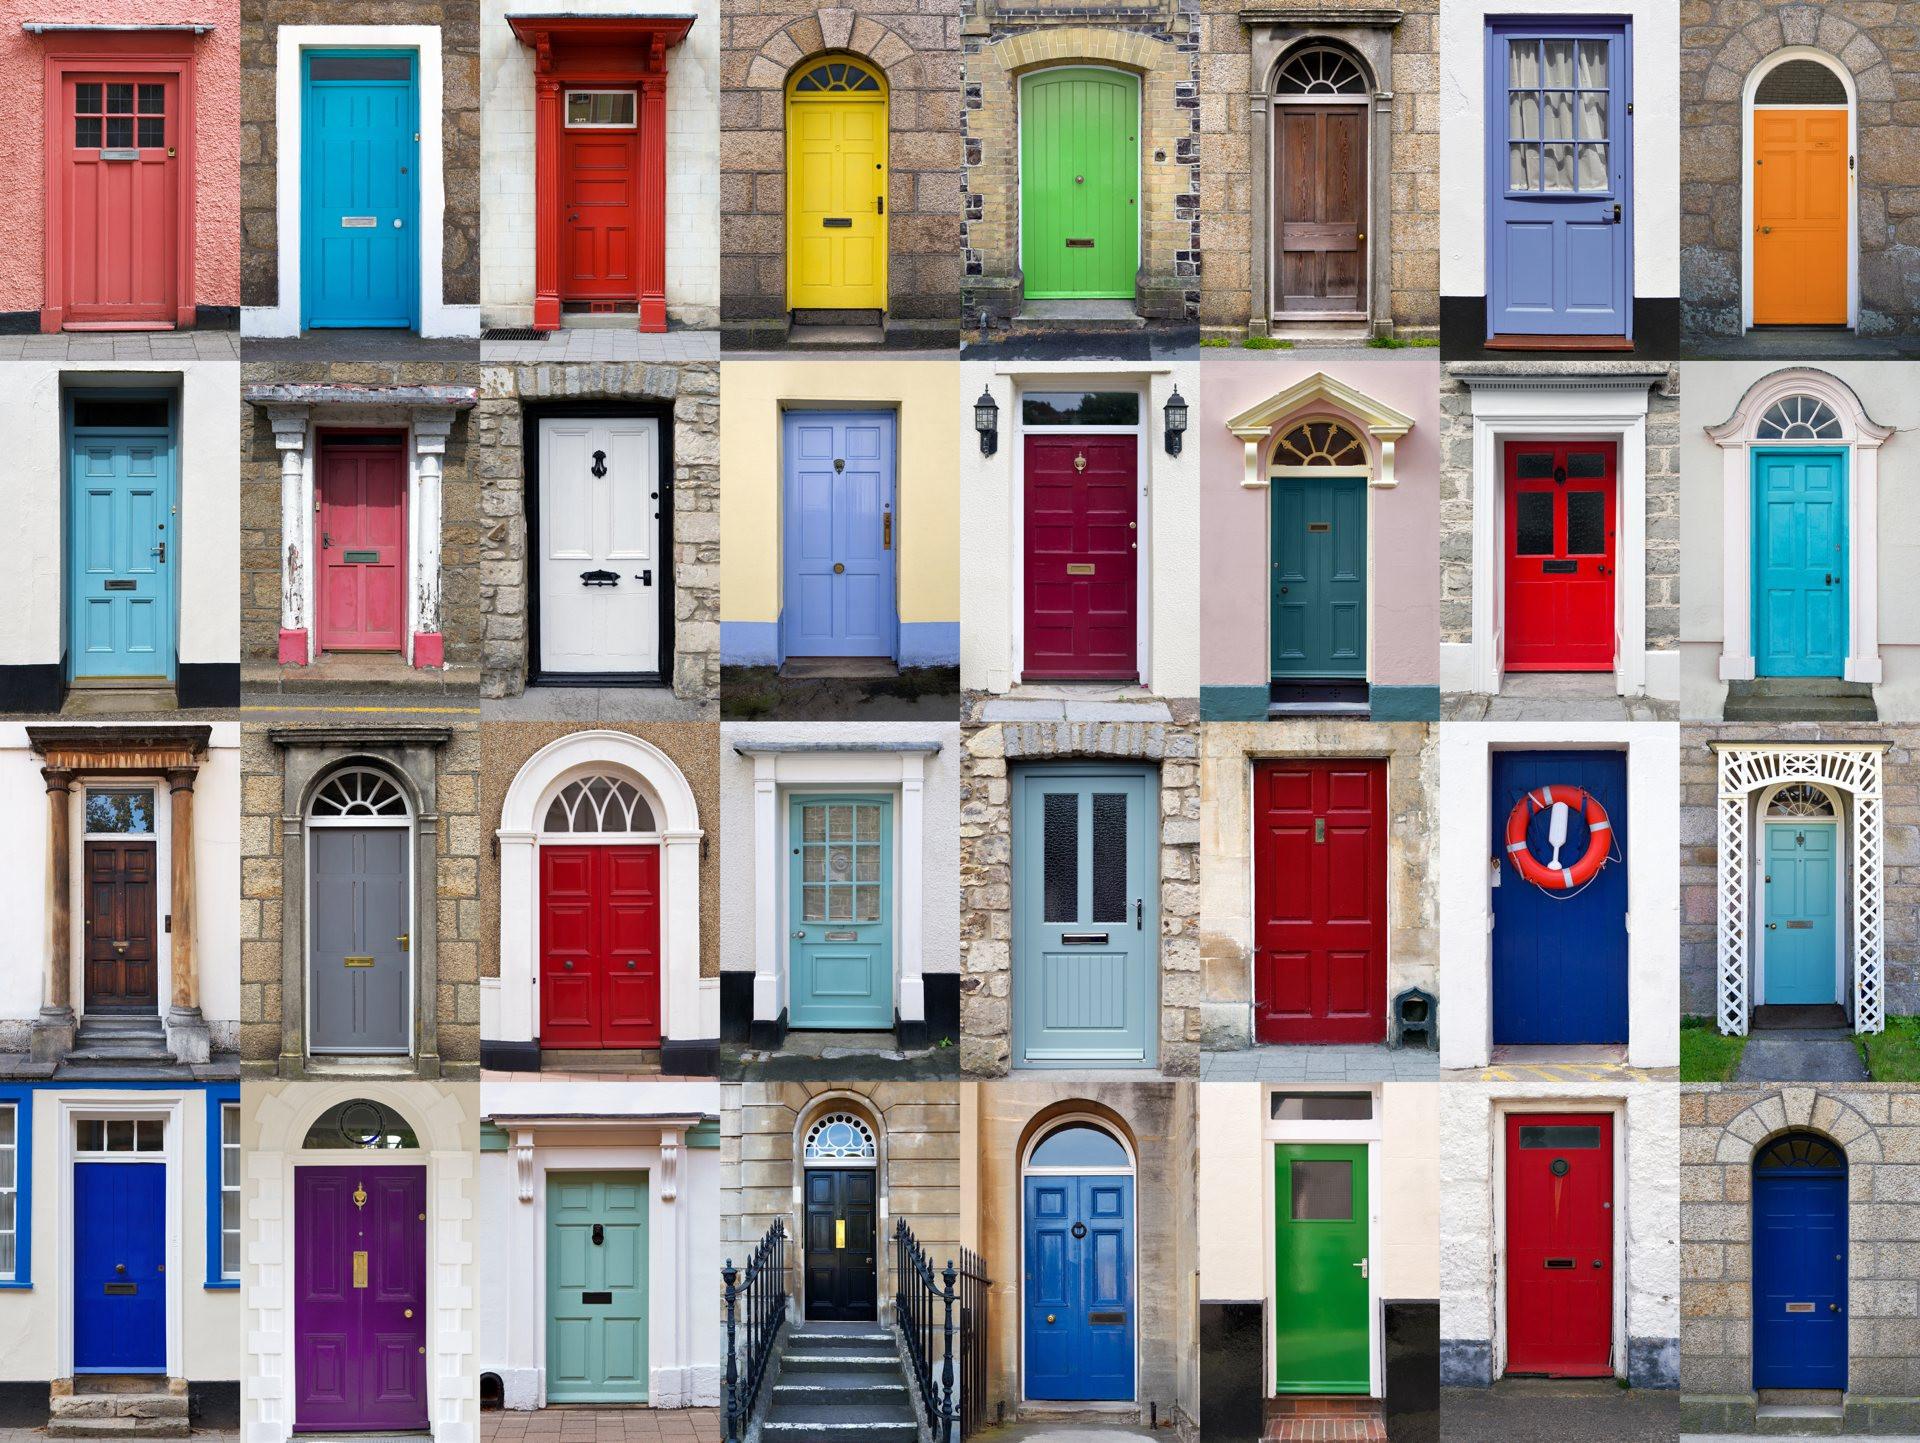 hardwood floor transition to exterior door of ten interesting facts about doors intended for shutterstock 96445247